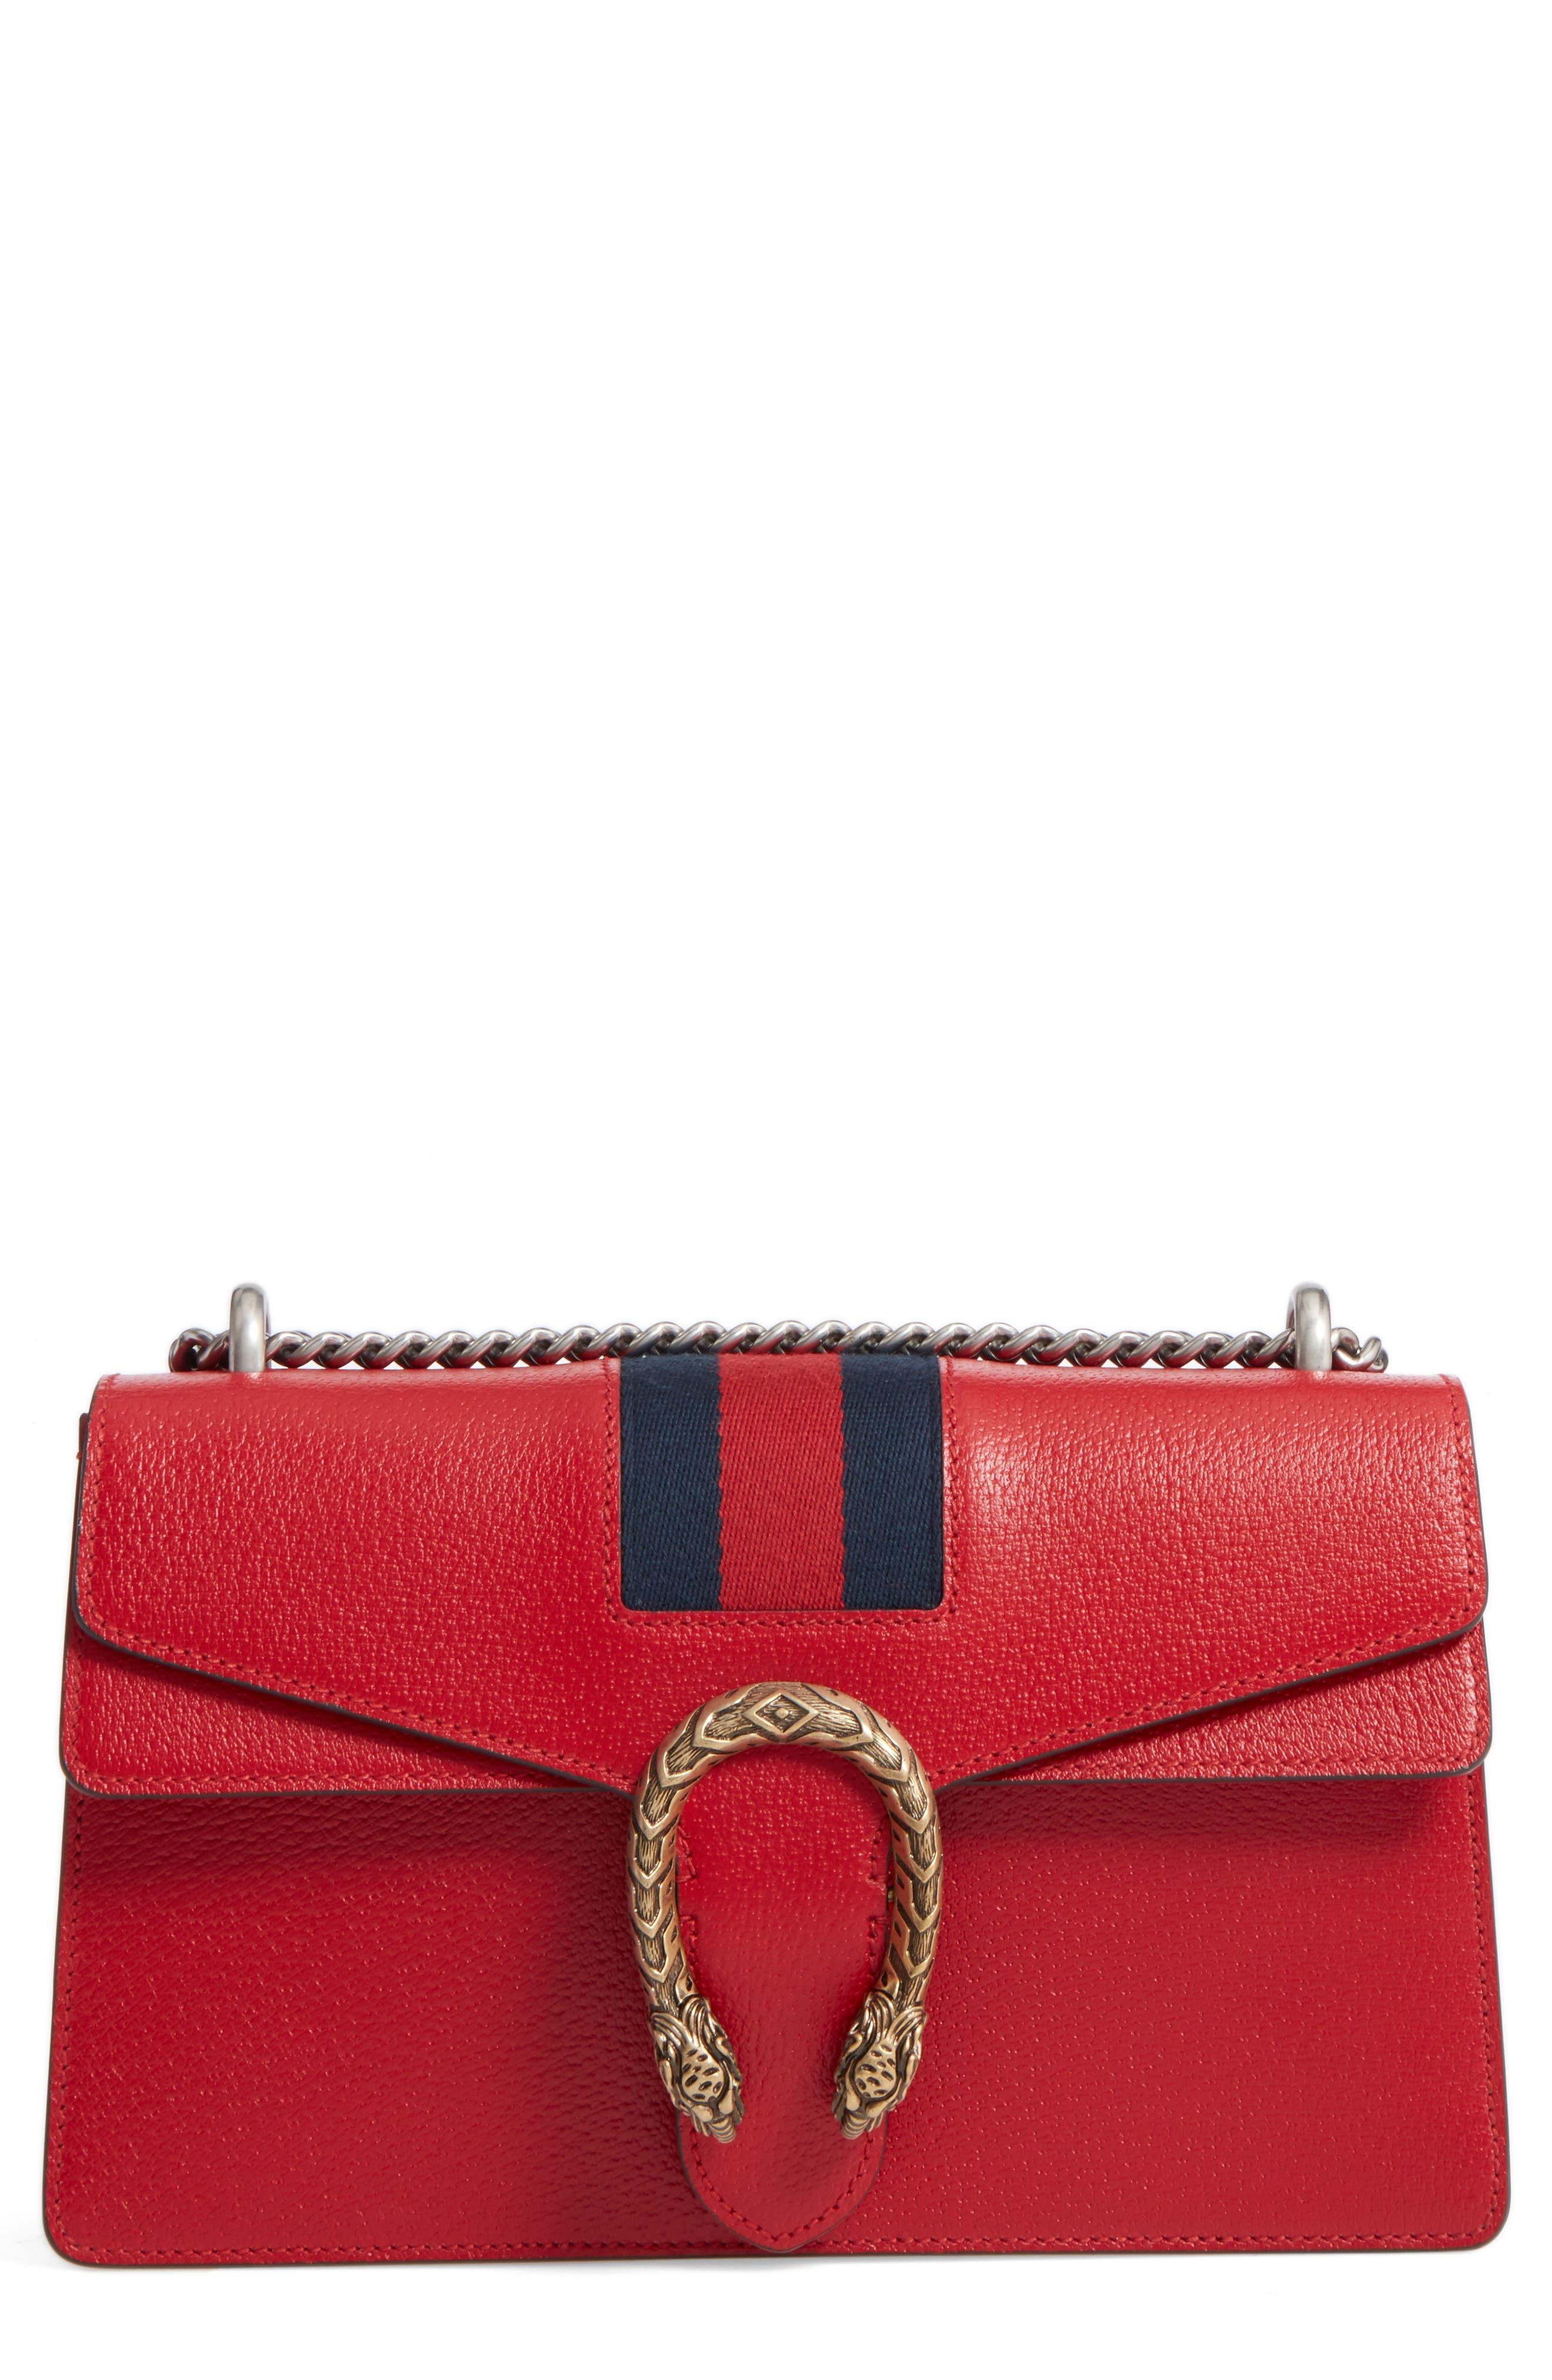 Alternate Image 1 Selected - Gucci Dionysus Leather Shoulder Bag